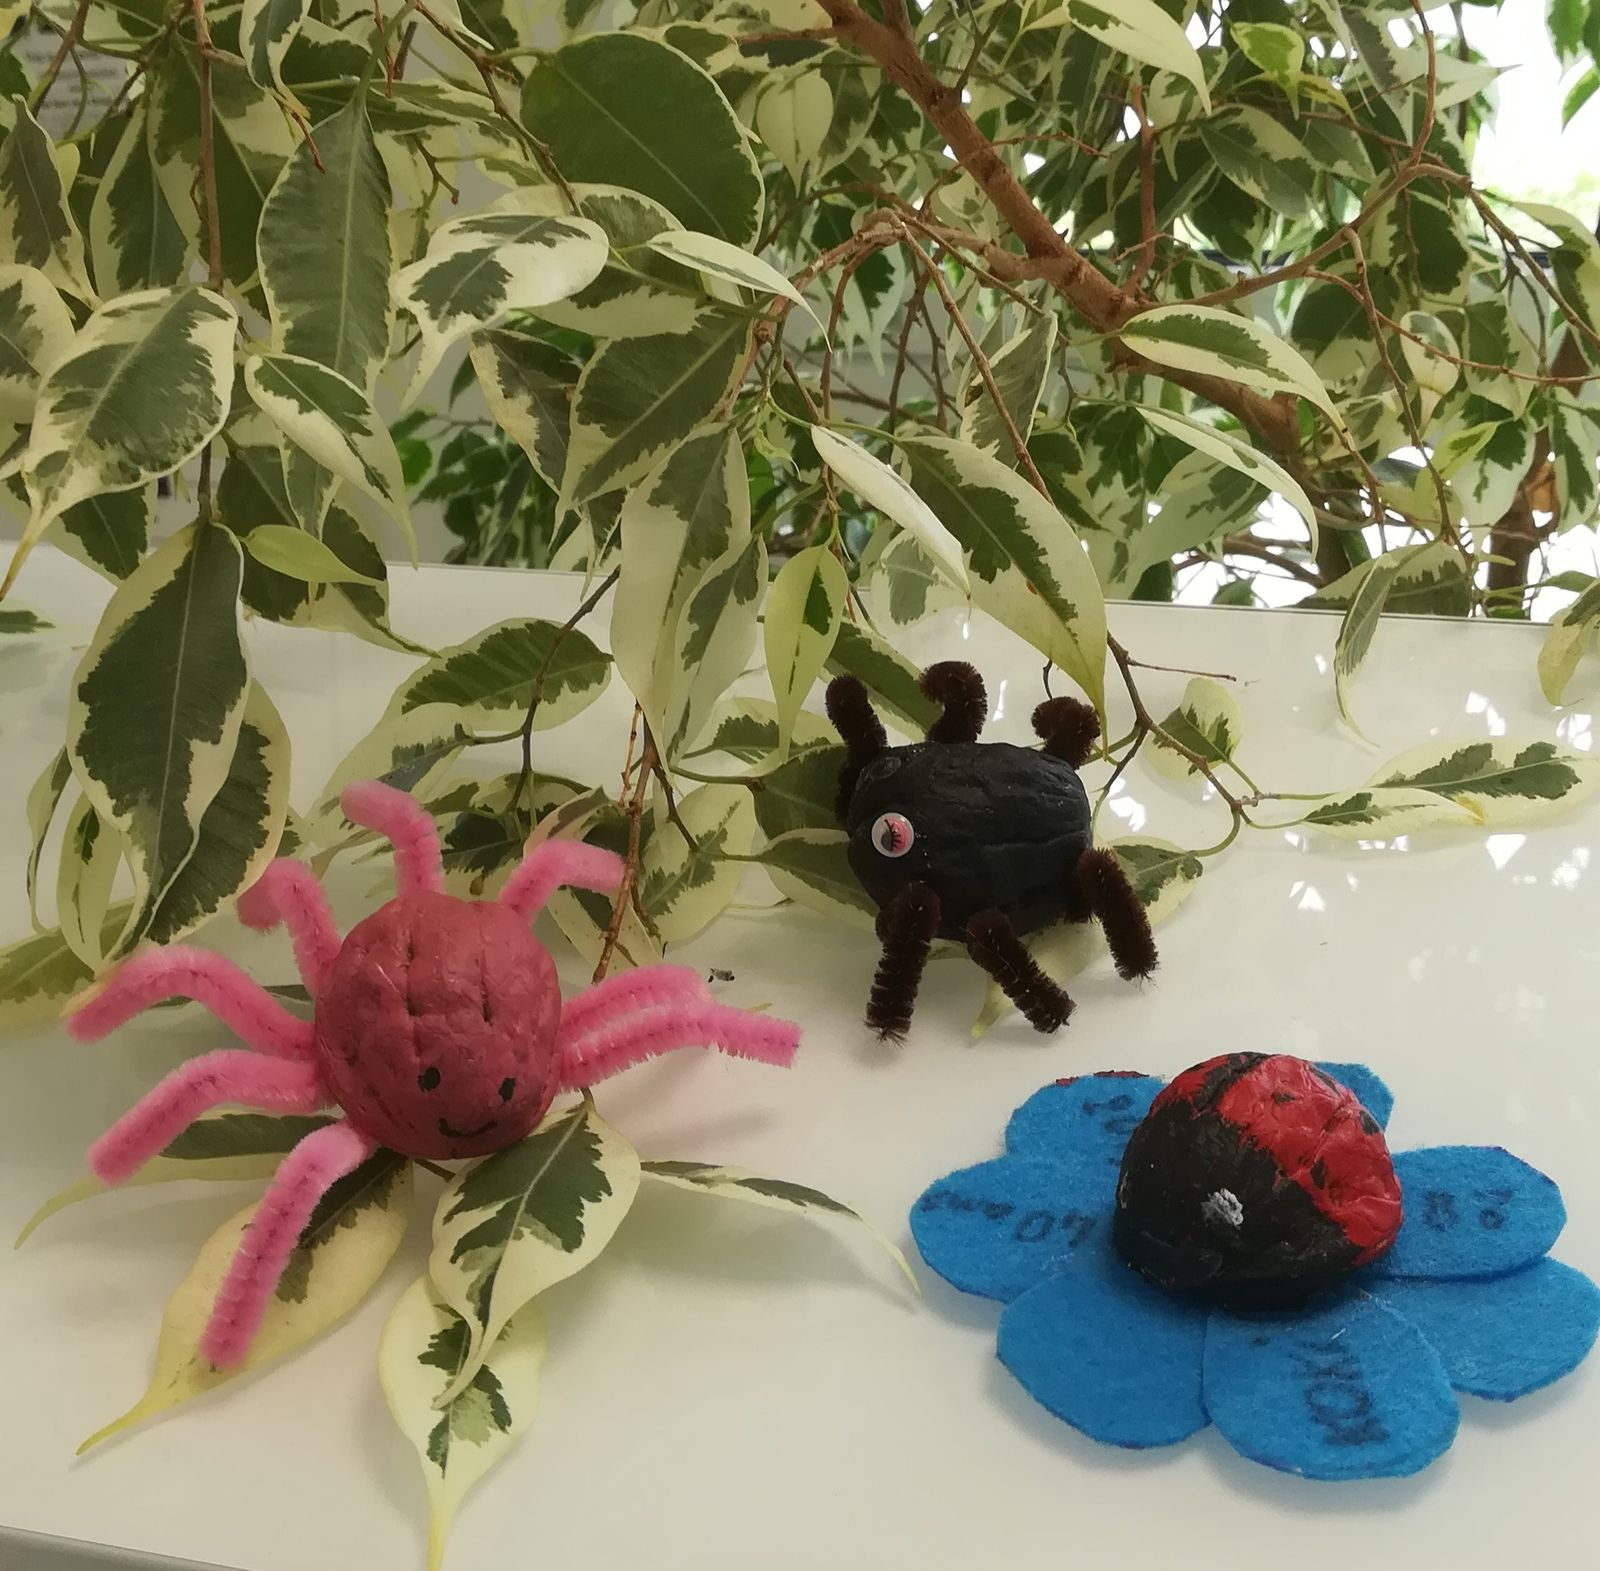 activite enfant maternelle avec coquilles de noix petits animaux